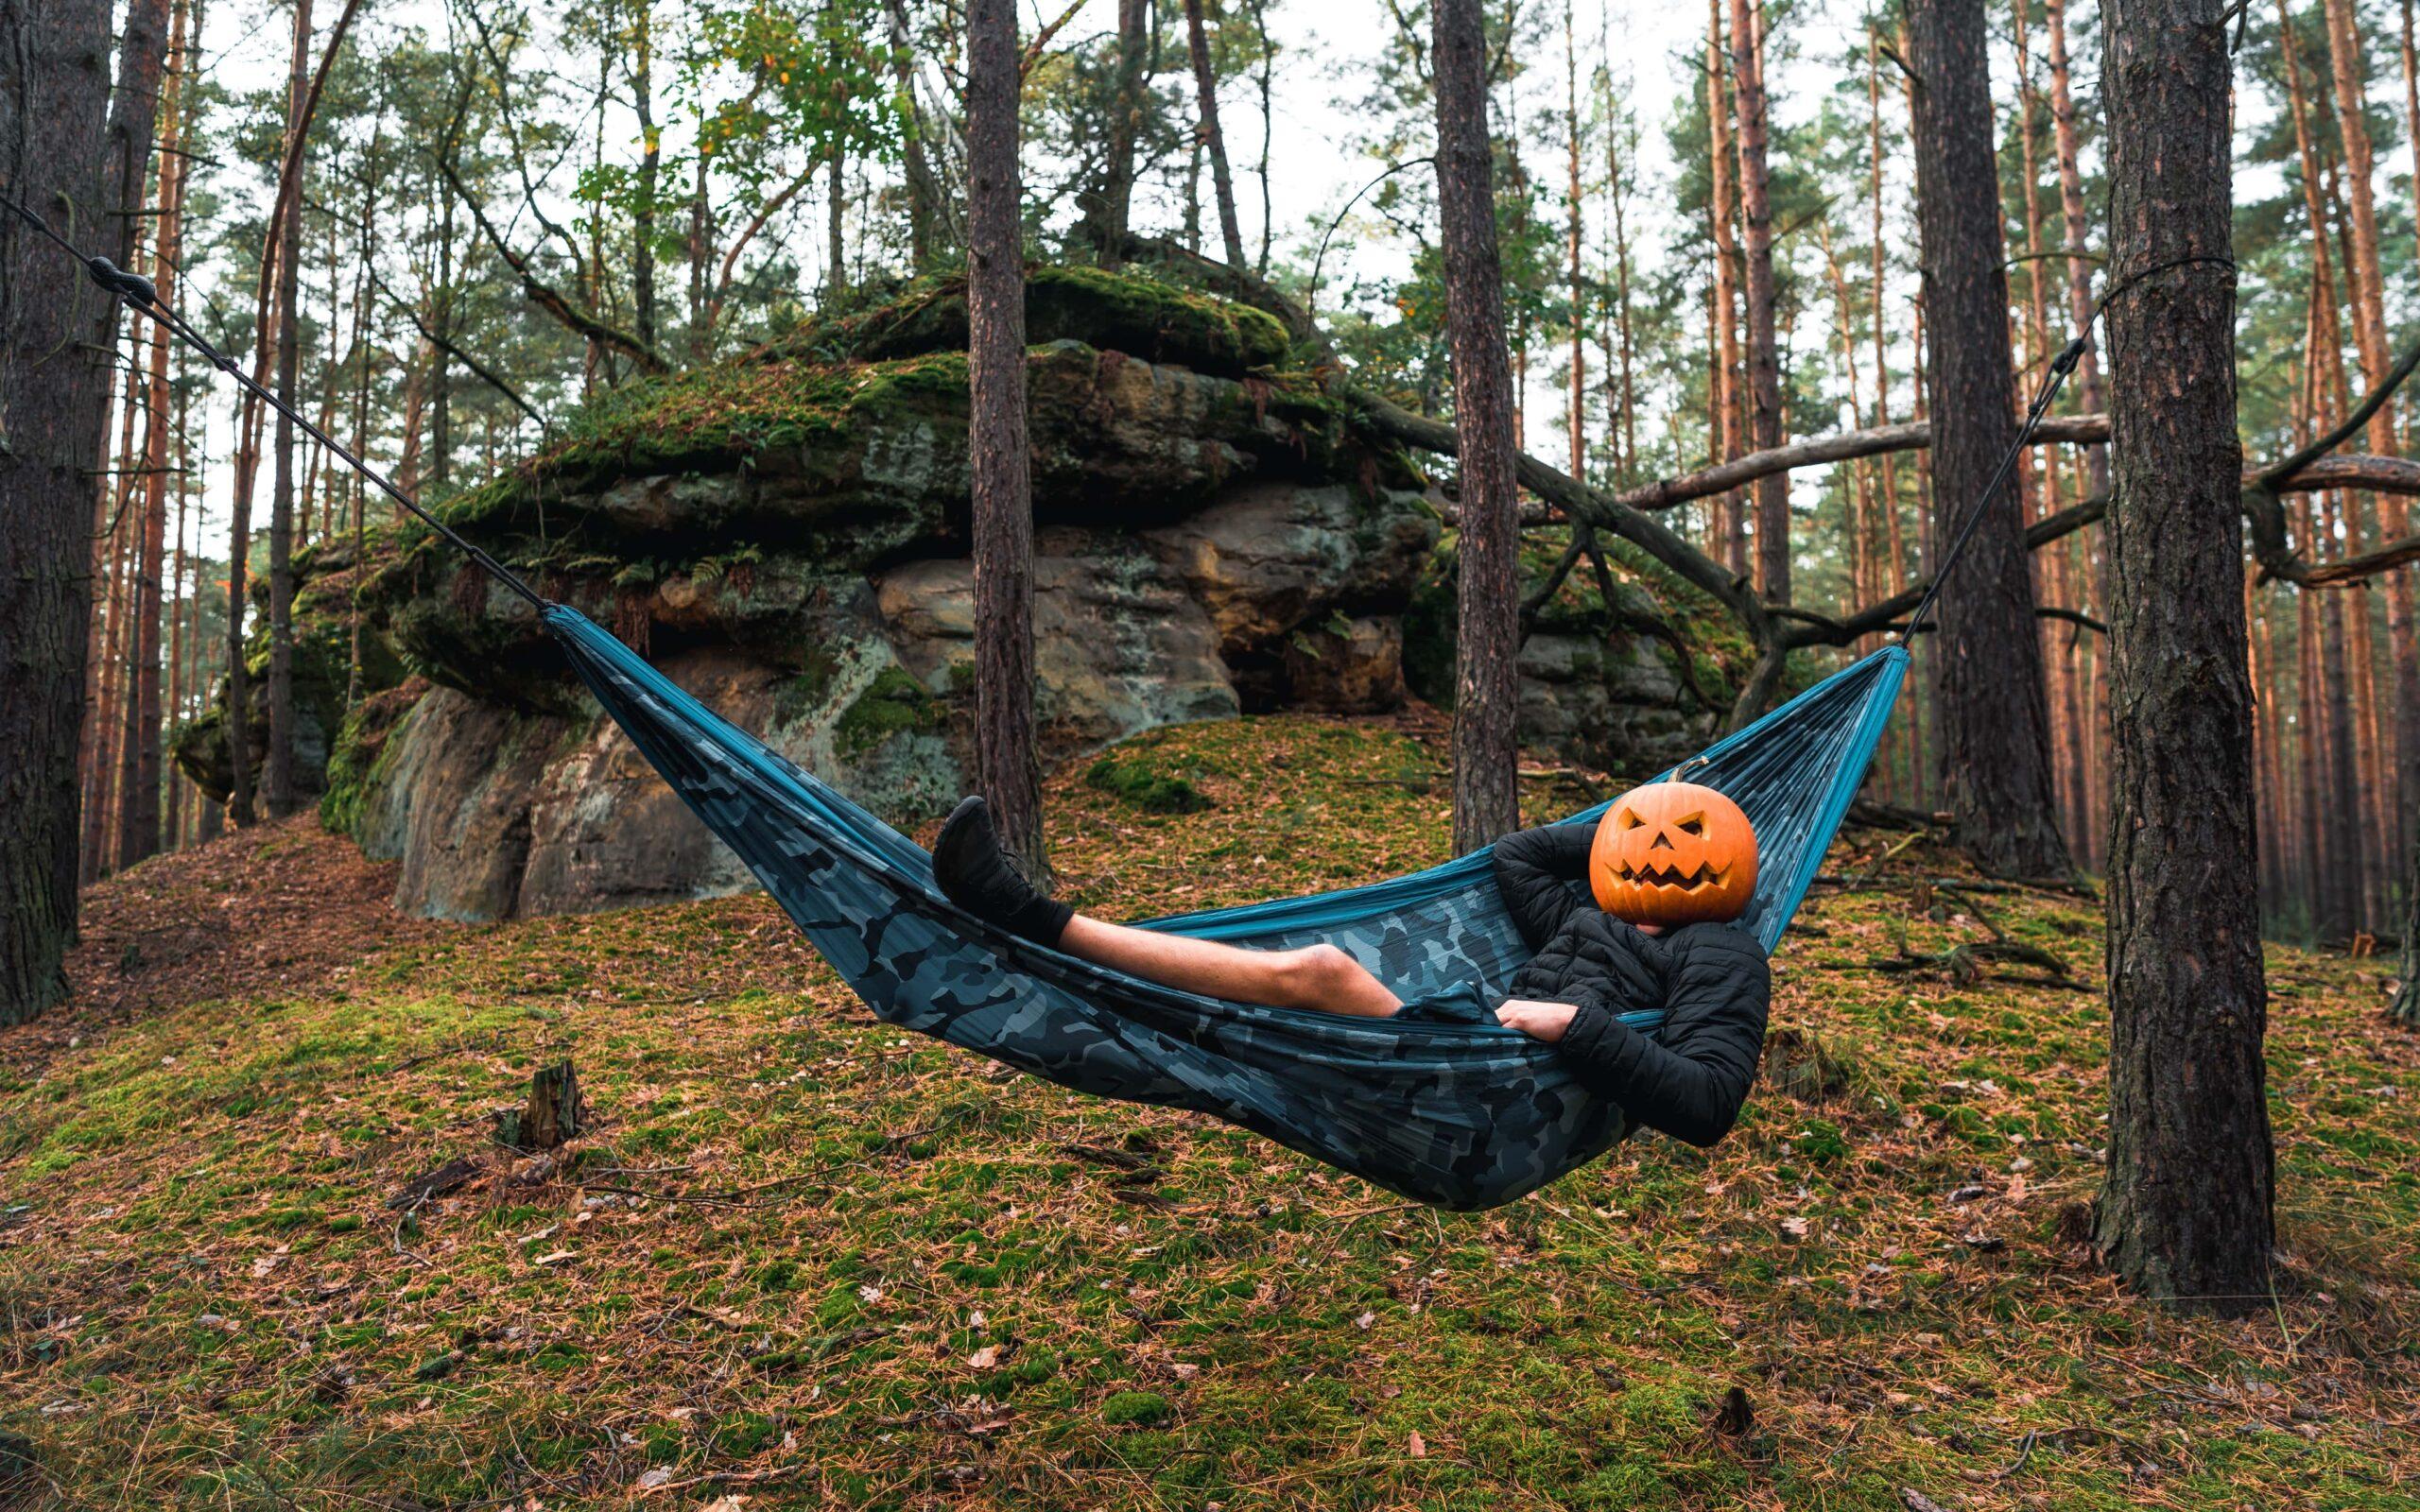 Halloween Camping Abenteuer – Gruseln auf dem Campingplatz